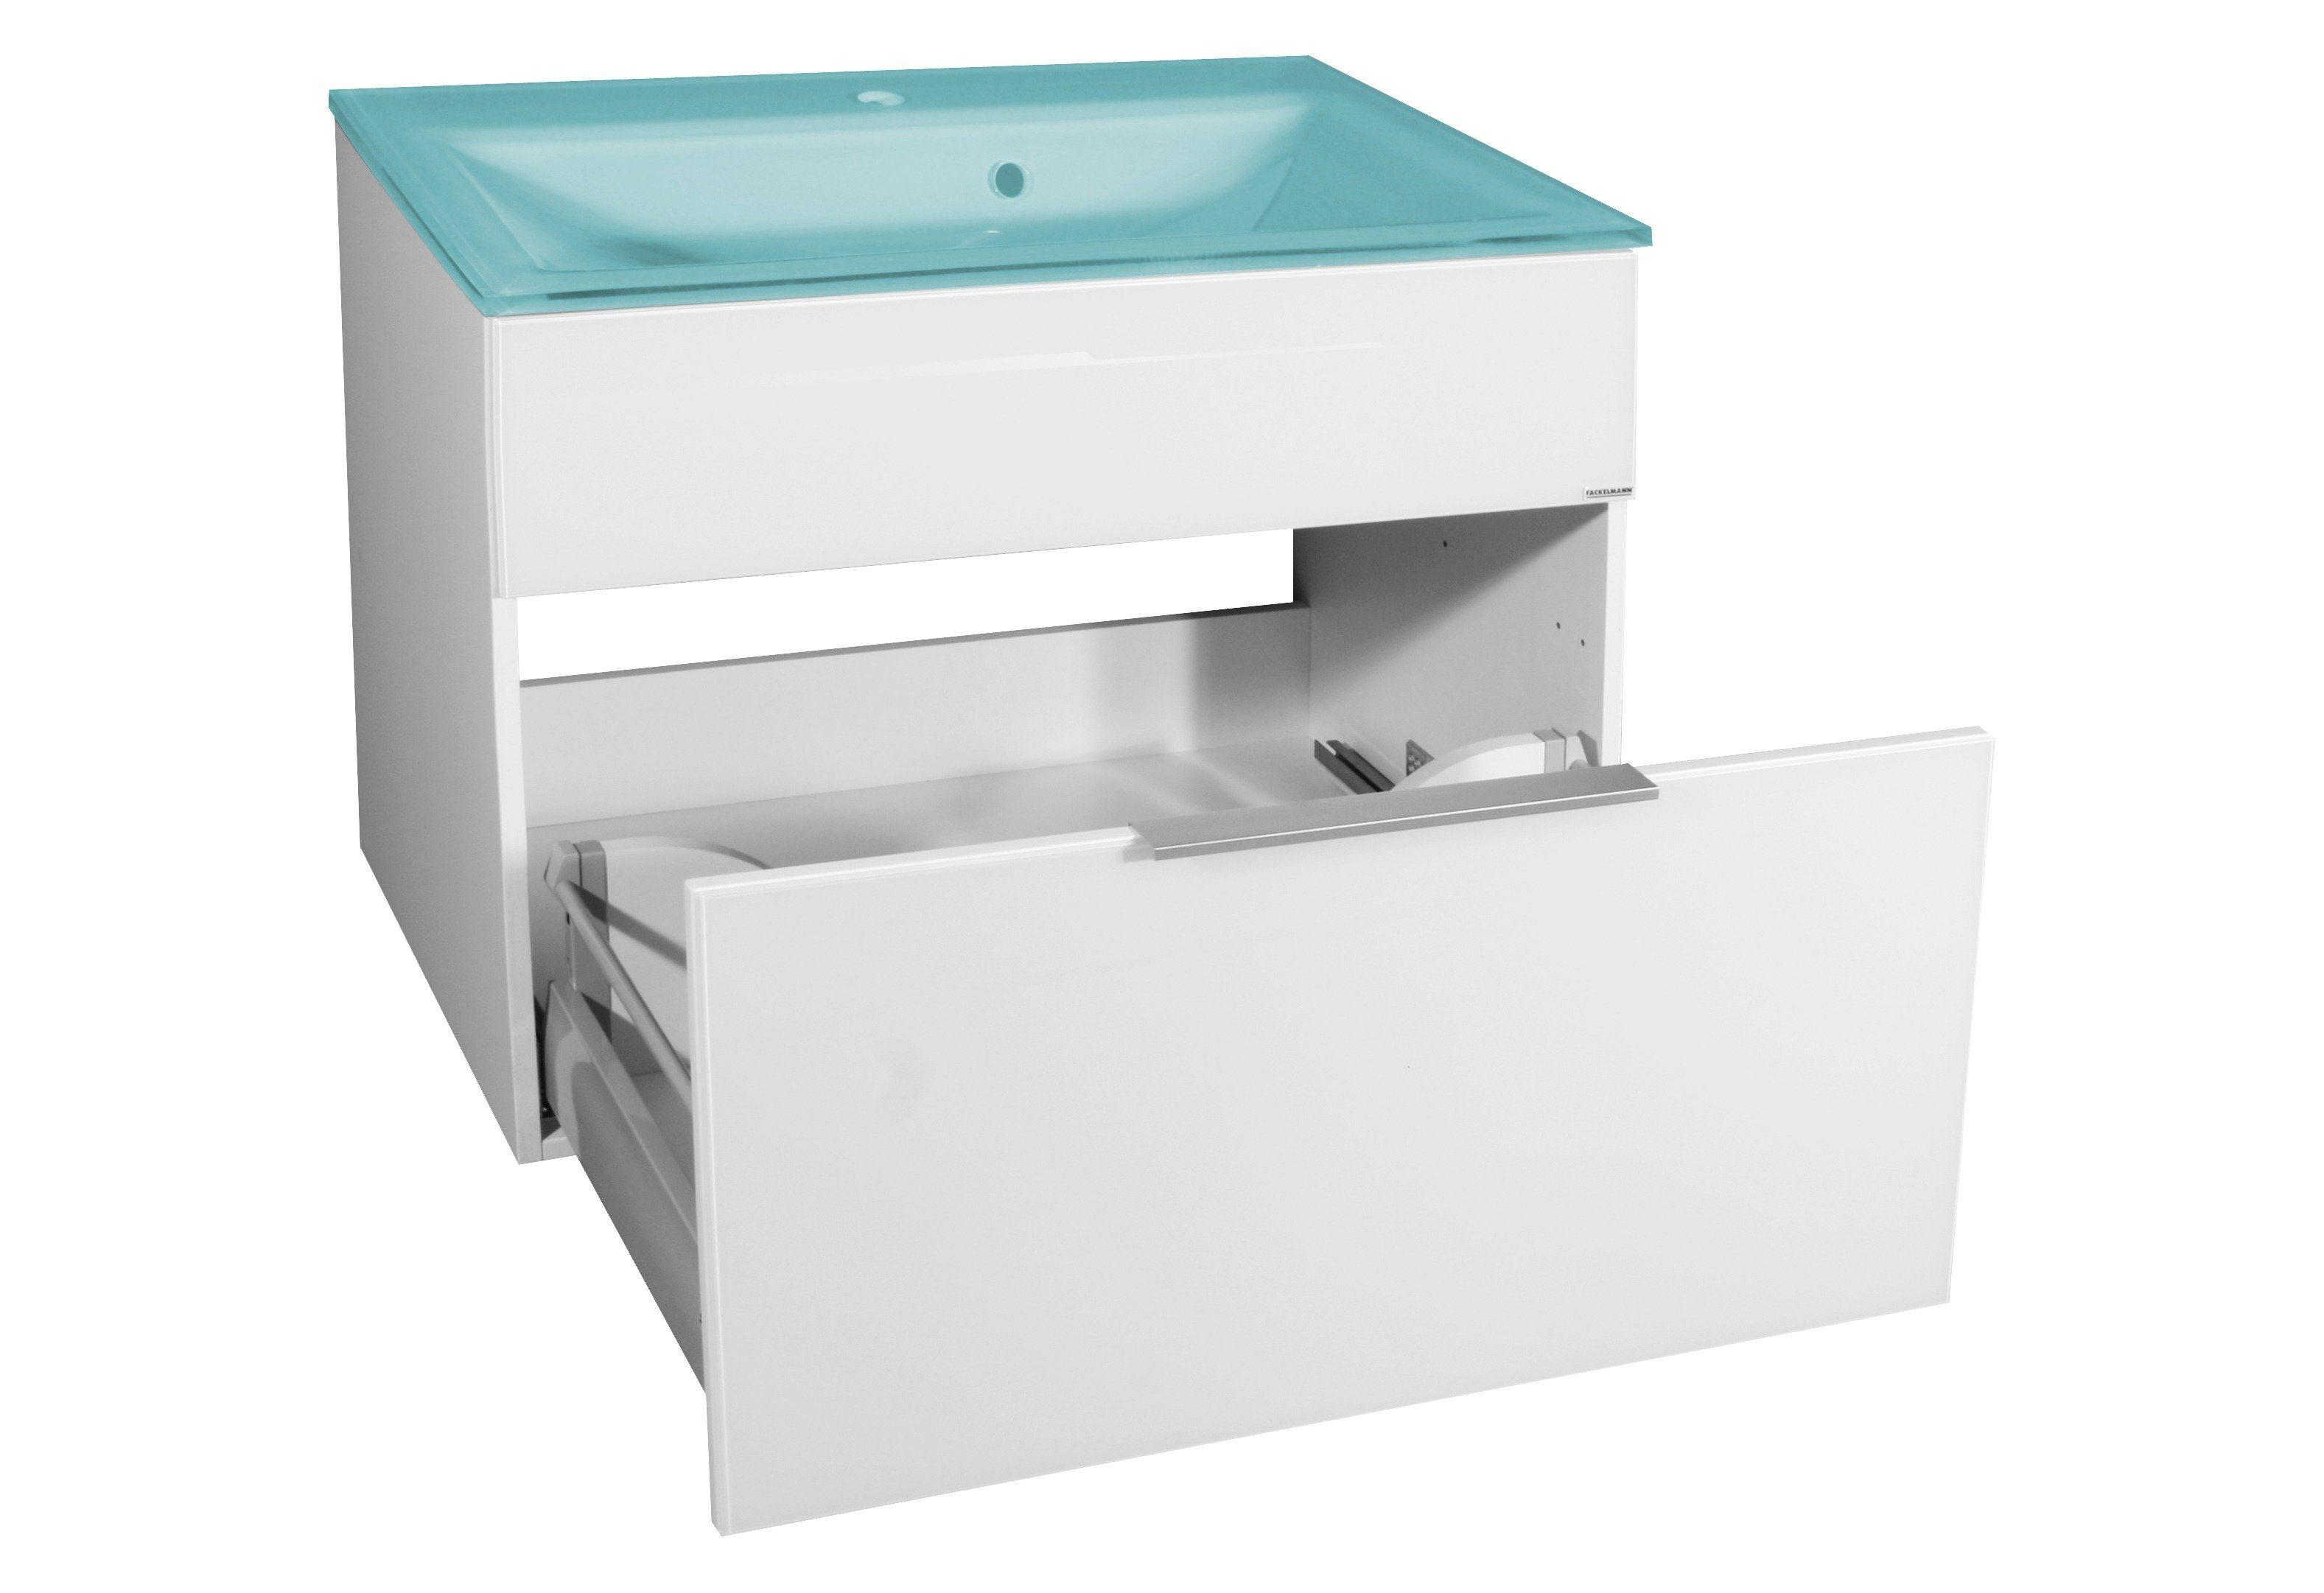 Bruynzeel palitano meubelset cm met spiegel en wastafel wit